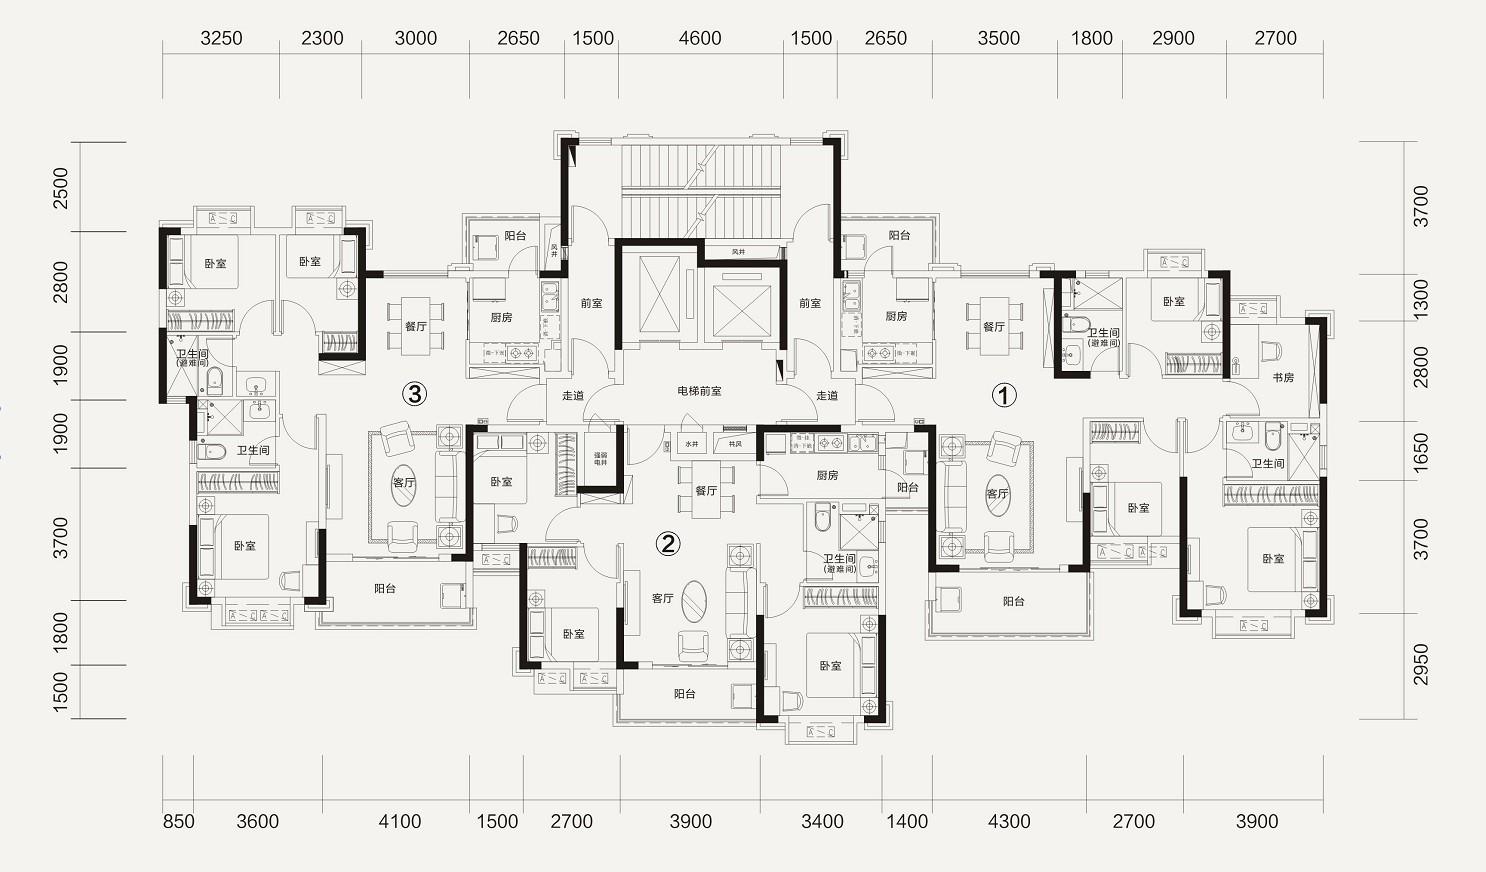 恒大林溪郡恒大林溪郡2-2#楼层面图-4室2厅户型图